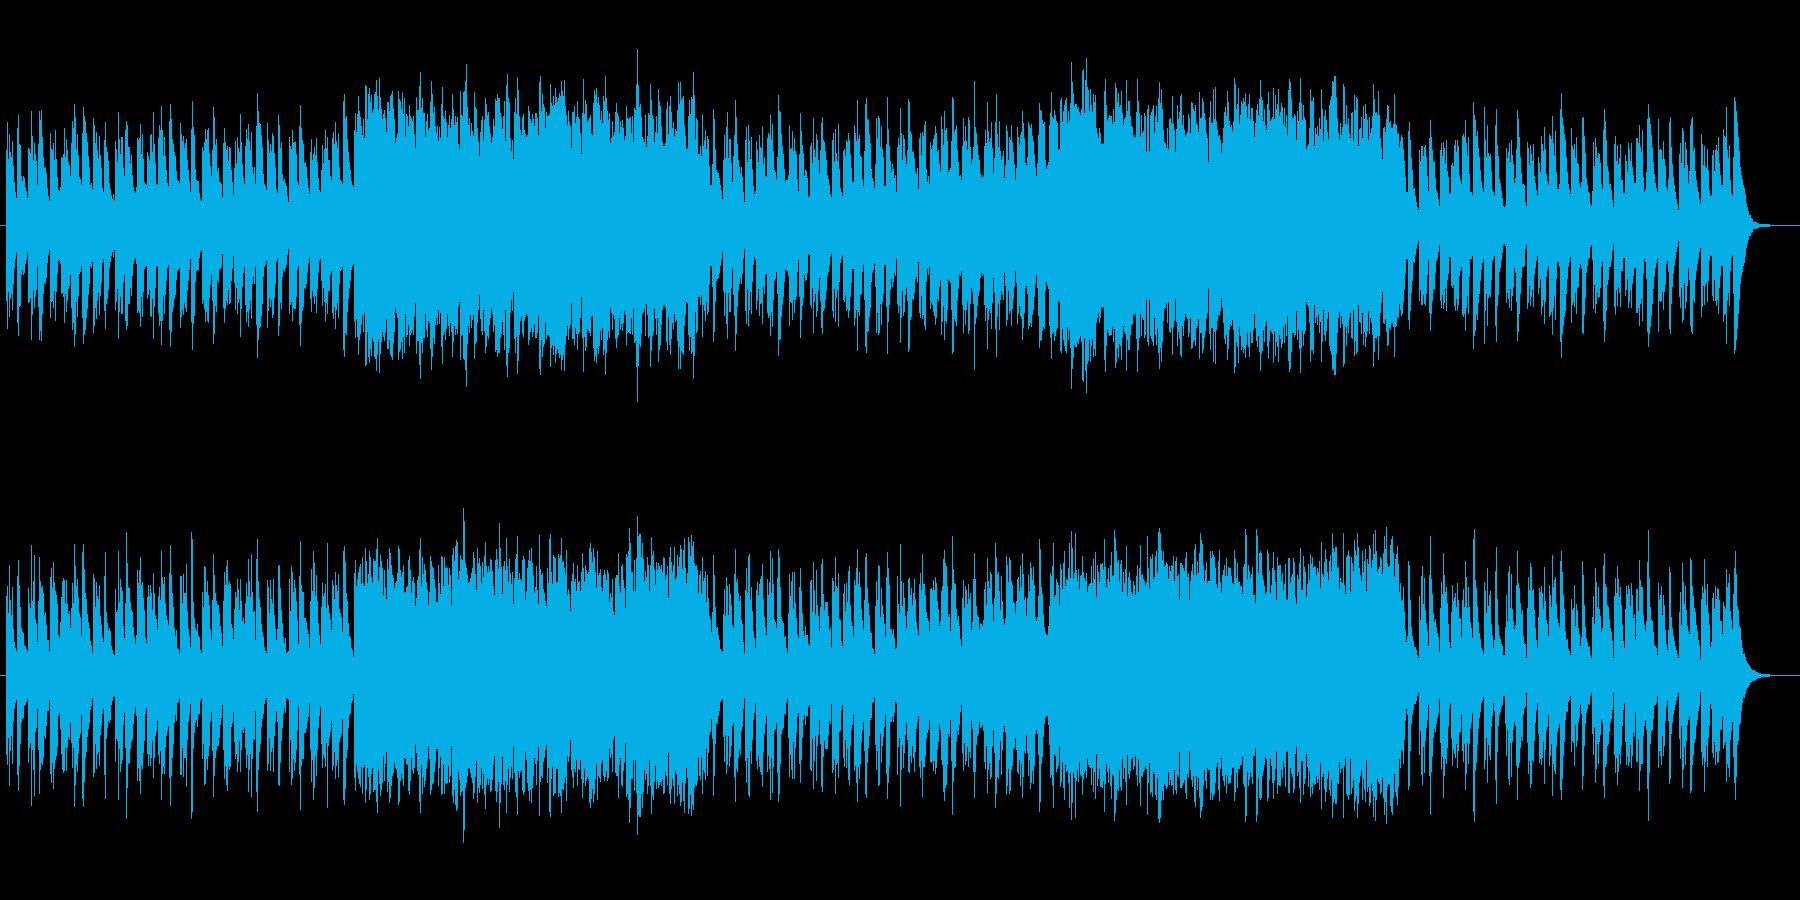 軽快で幻想的なストリングスポップスの再生済みの波形